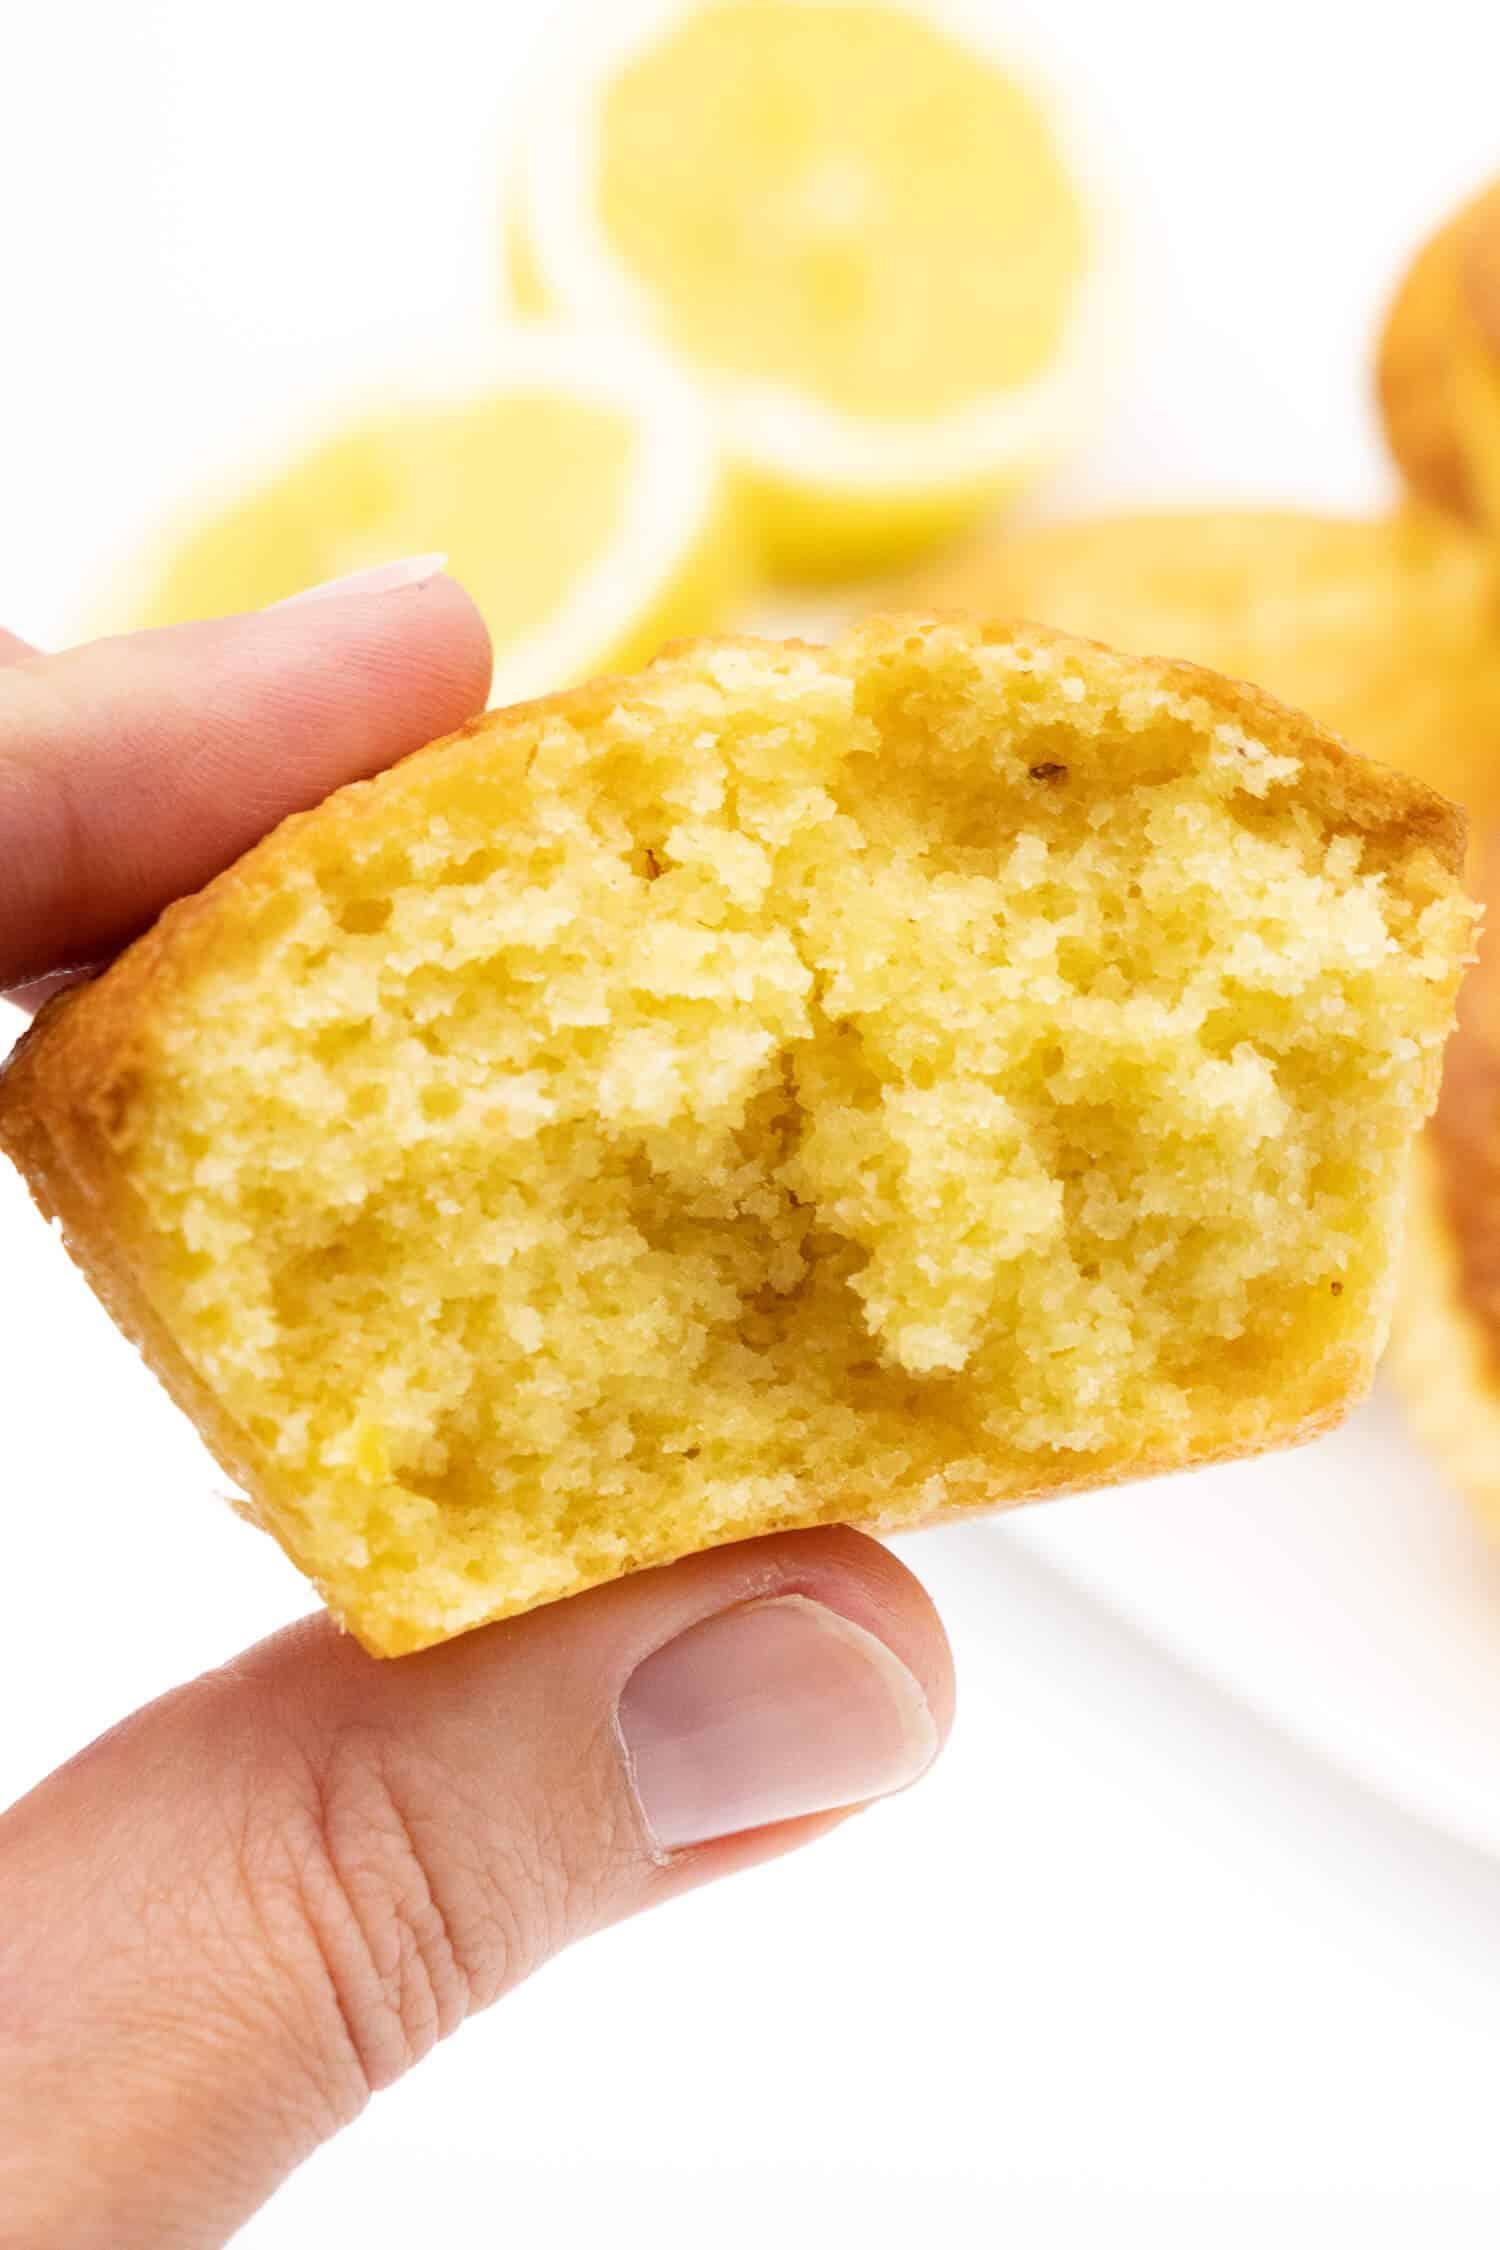 Gesunde Zitronen Muffins ohne Zucker backen